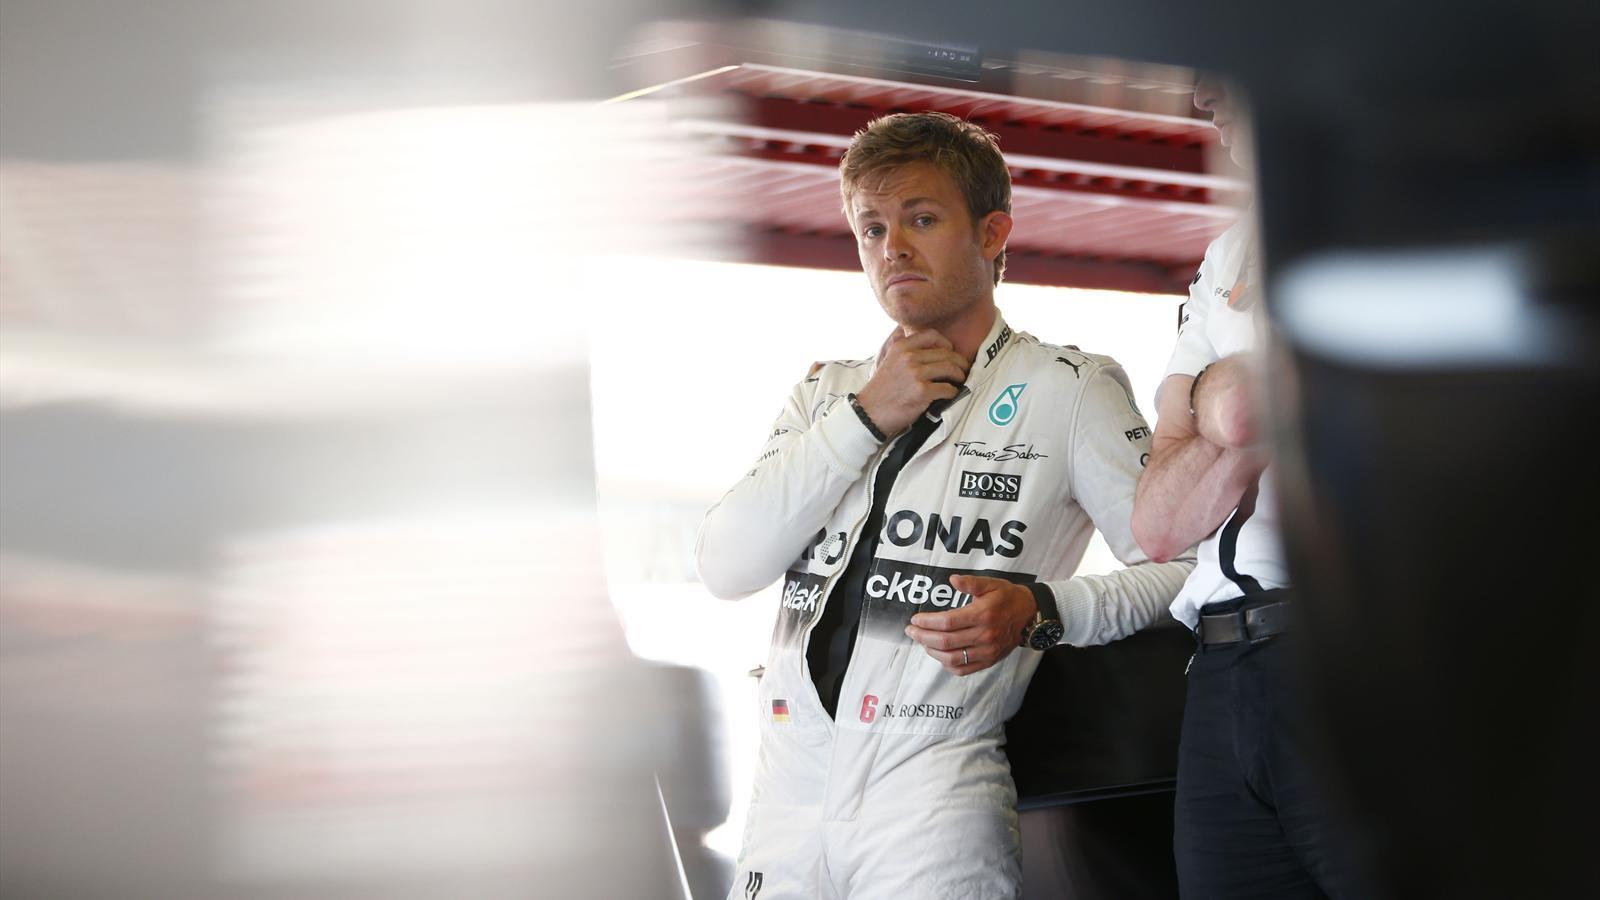 Spécial Sebastian Vettel (Formule un) - Page 18 1497663-31950412-1600-900